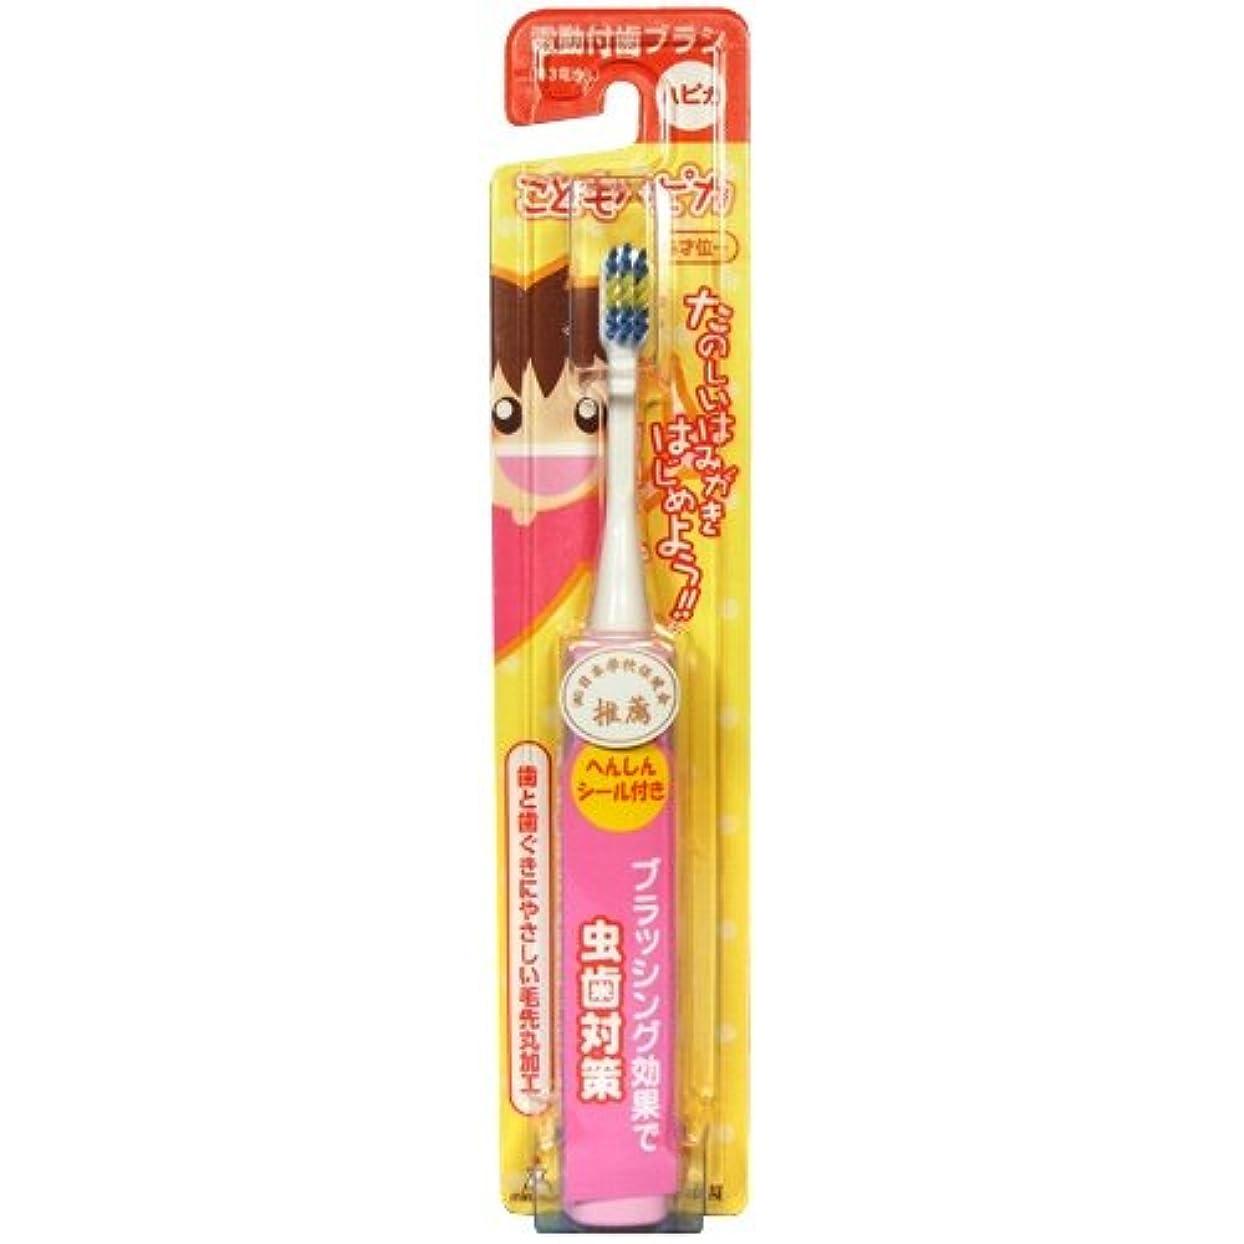 いいねくるみ会議ミニマム 電動付歯ブラシ こどもハピカ ピンク 毛の硬さ:やわらかめ DBK-1P(BP)